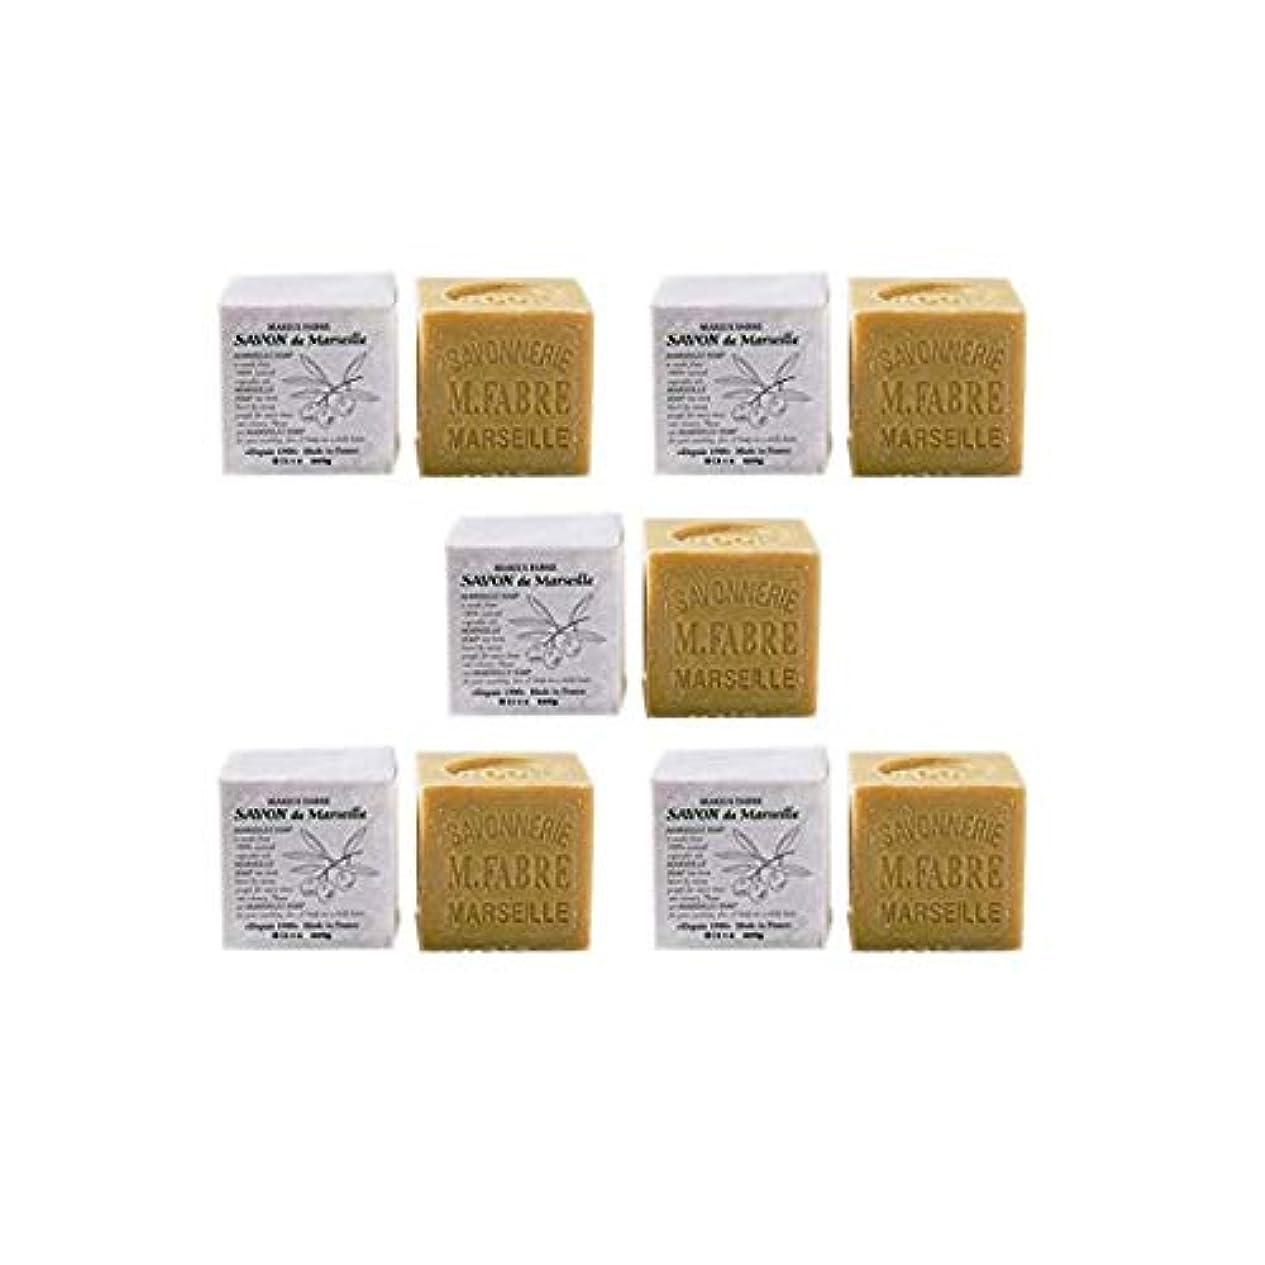 無臭バスタブ欠員マリウスファーブルジューン サボンドマルセイユ無香料200gオリーブN 5個セット(200g×5個)無添加オリーブ石鹸